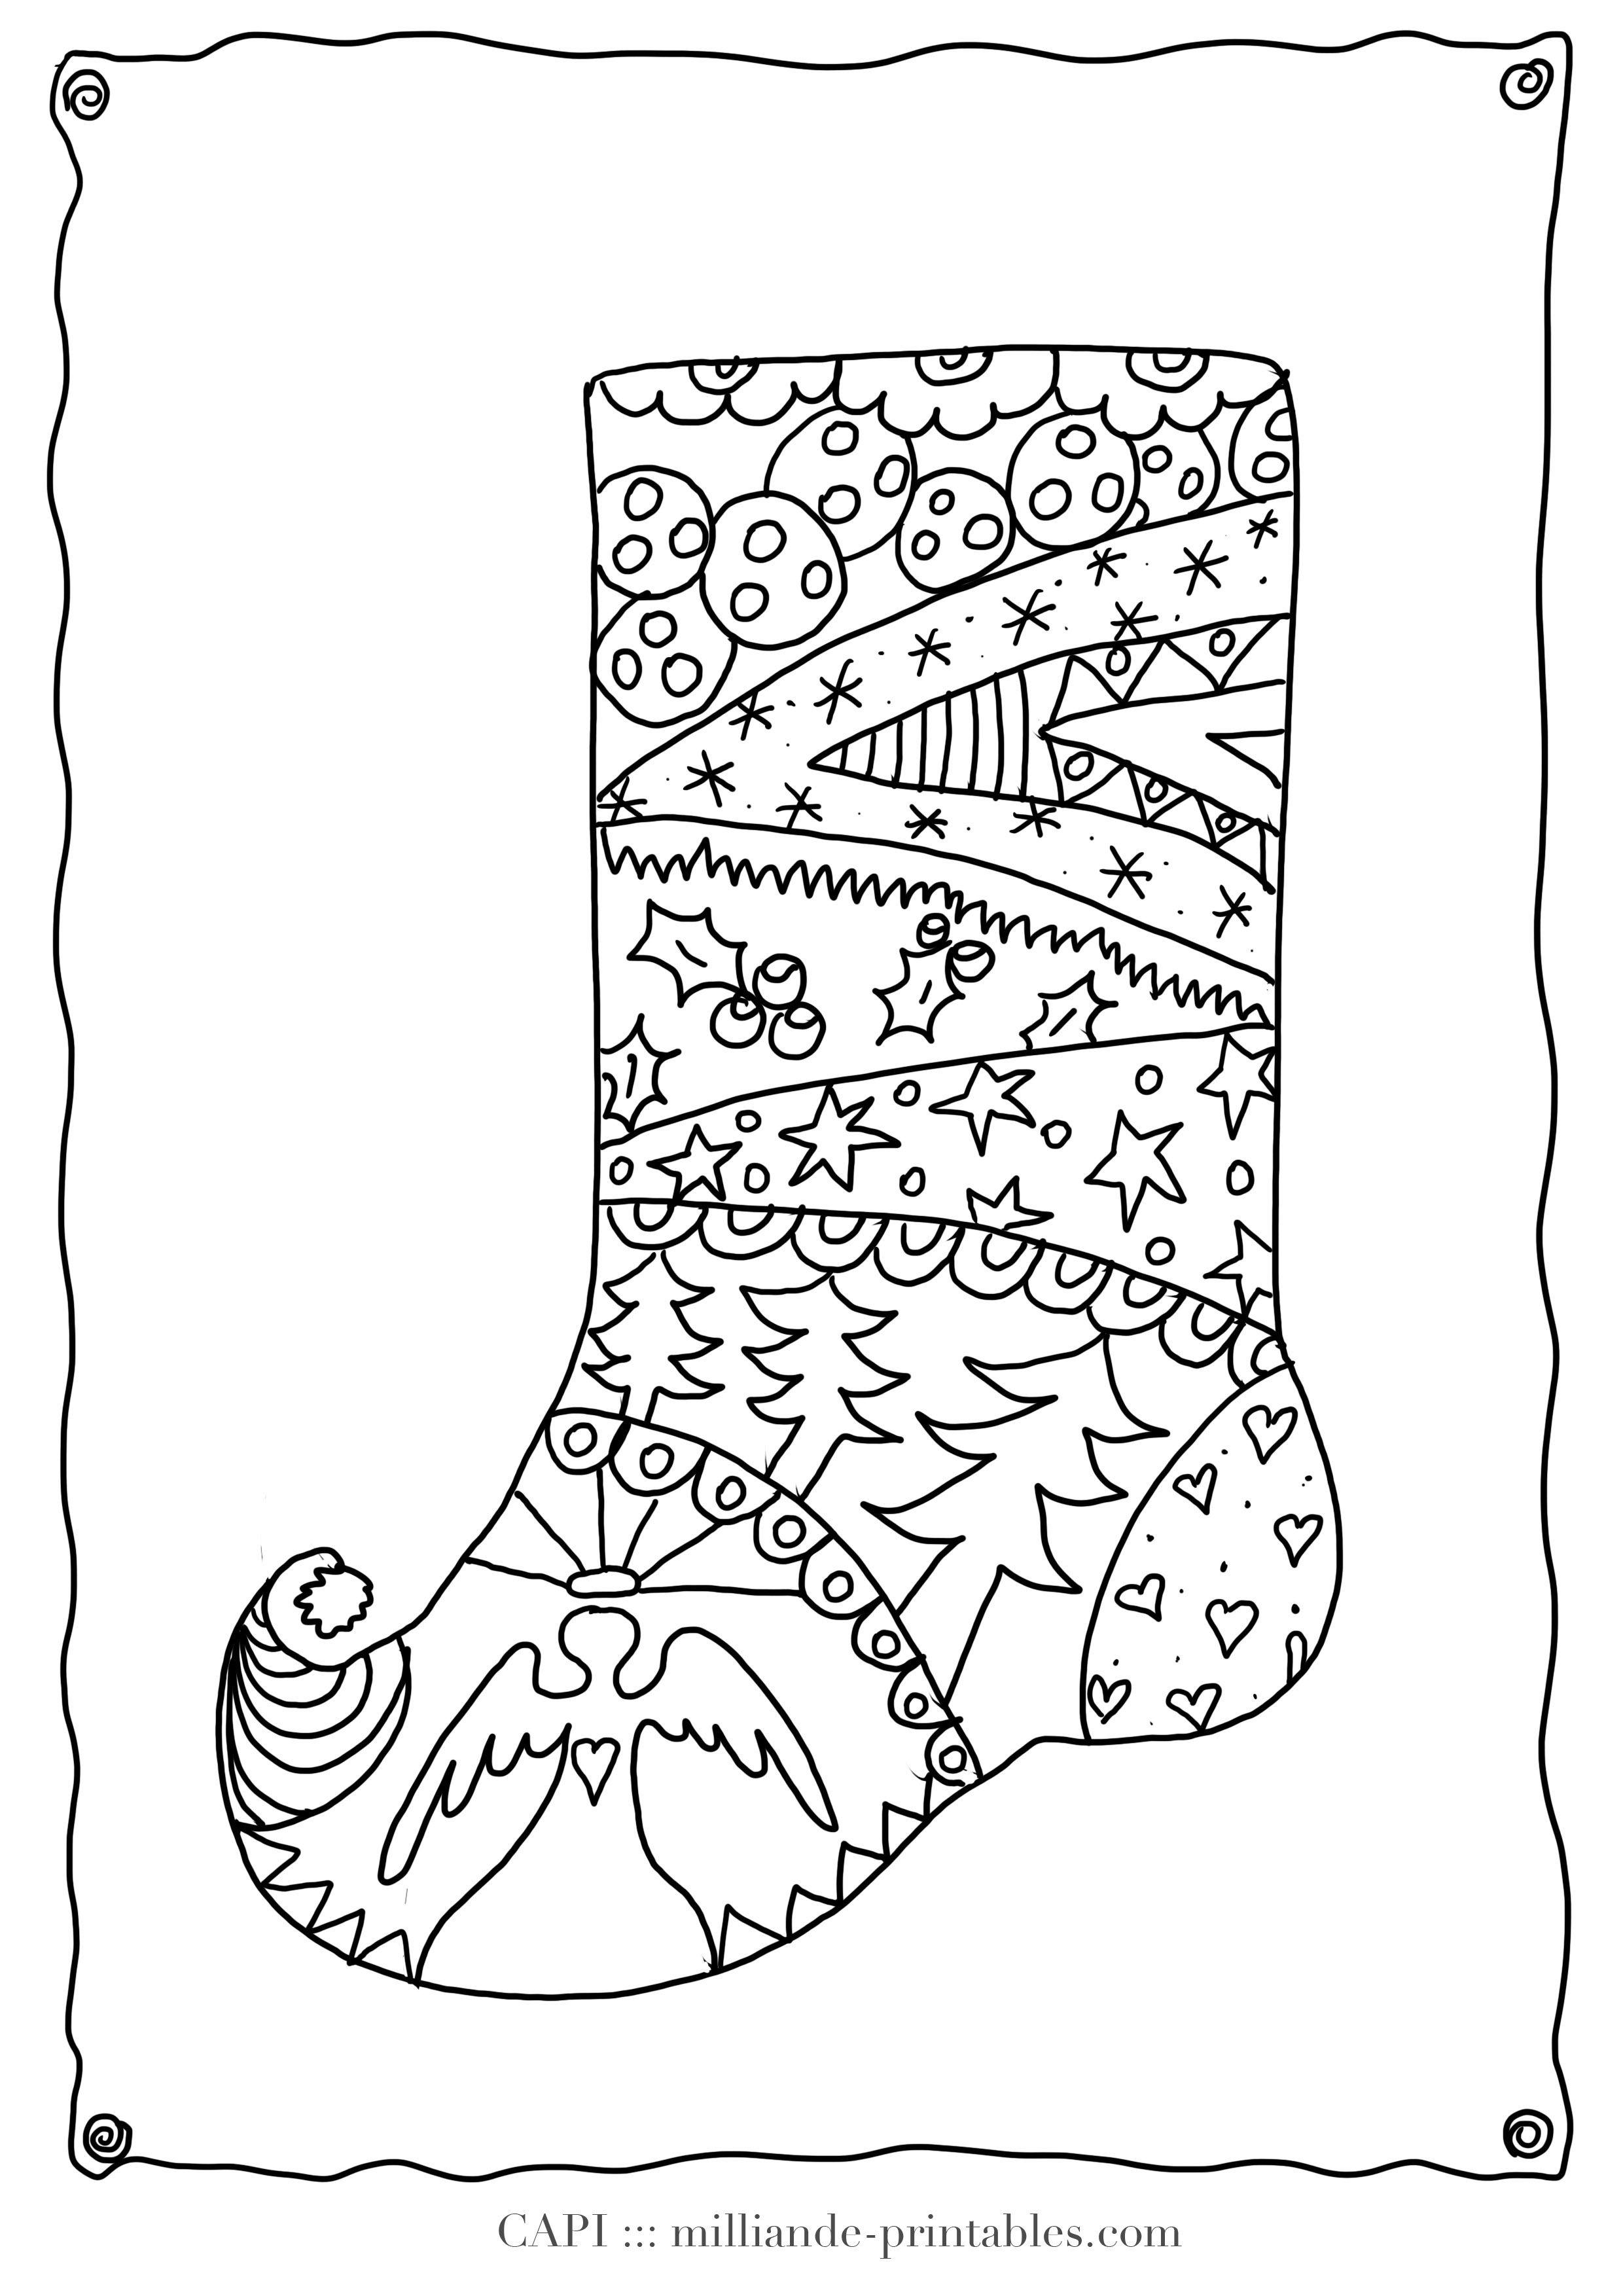 Christmas Stocking To Color Free Printable Christmas Coloring Pages - Free Printable Christmas Coloring Sheets